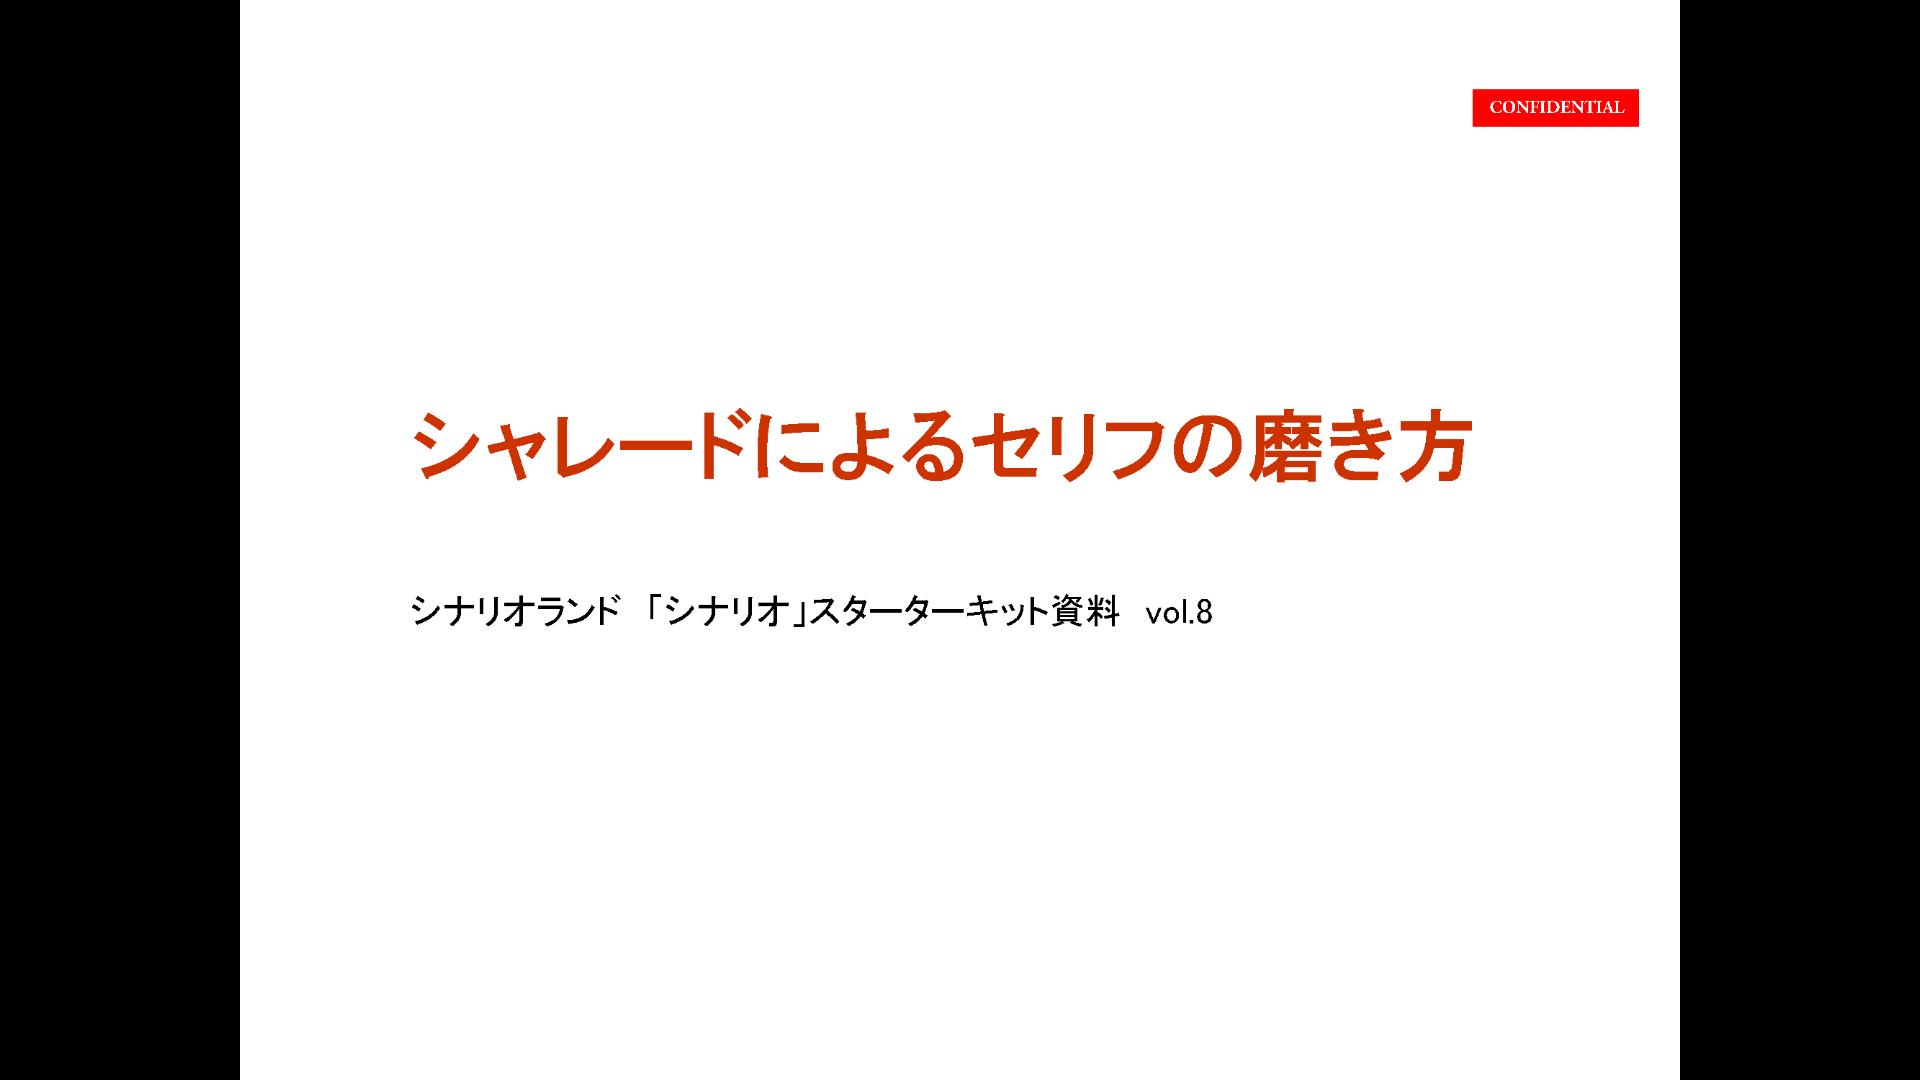 【イベント模様】シャレードによるセリフの磨き方